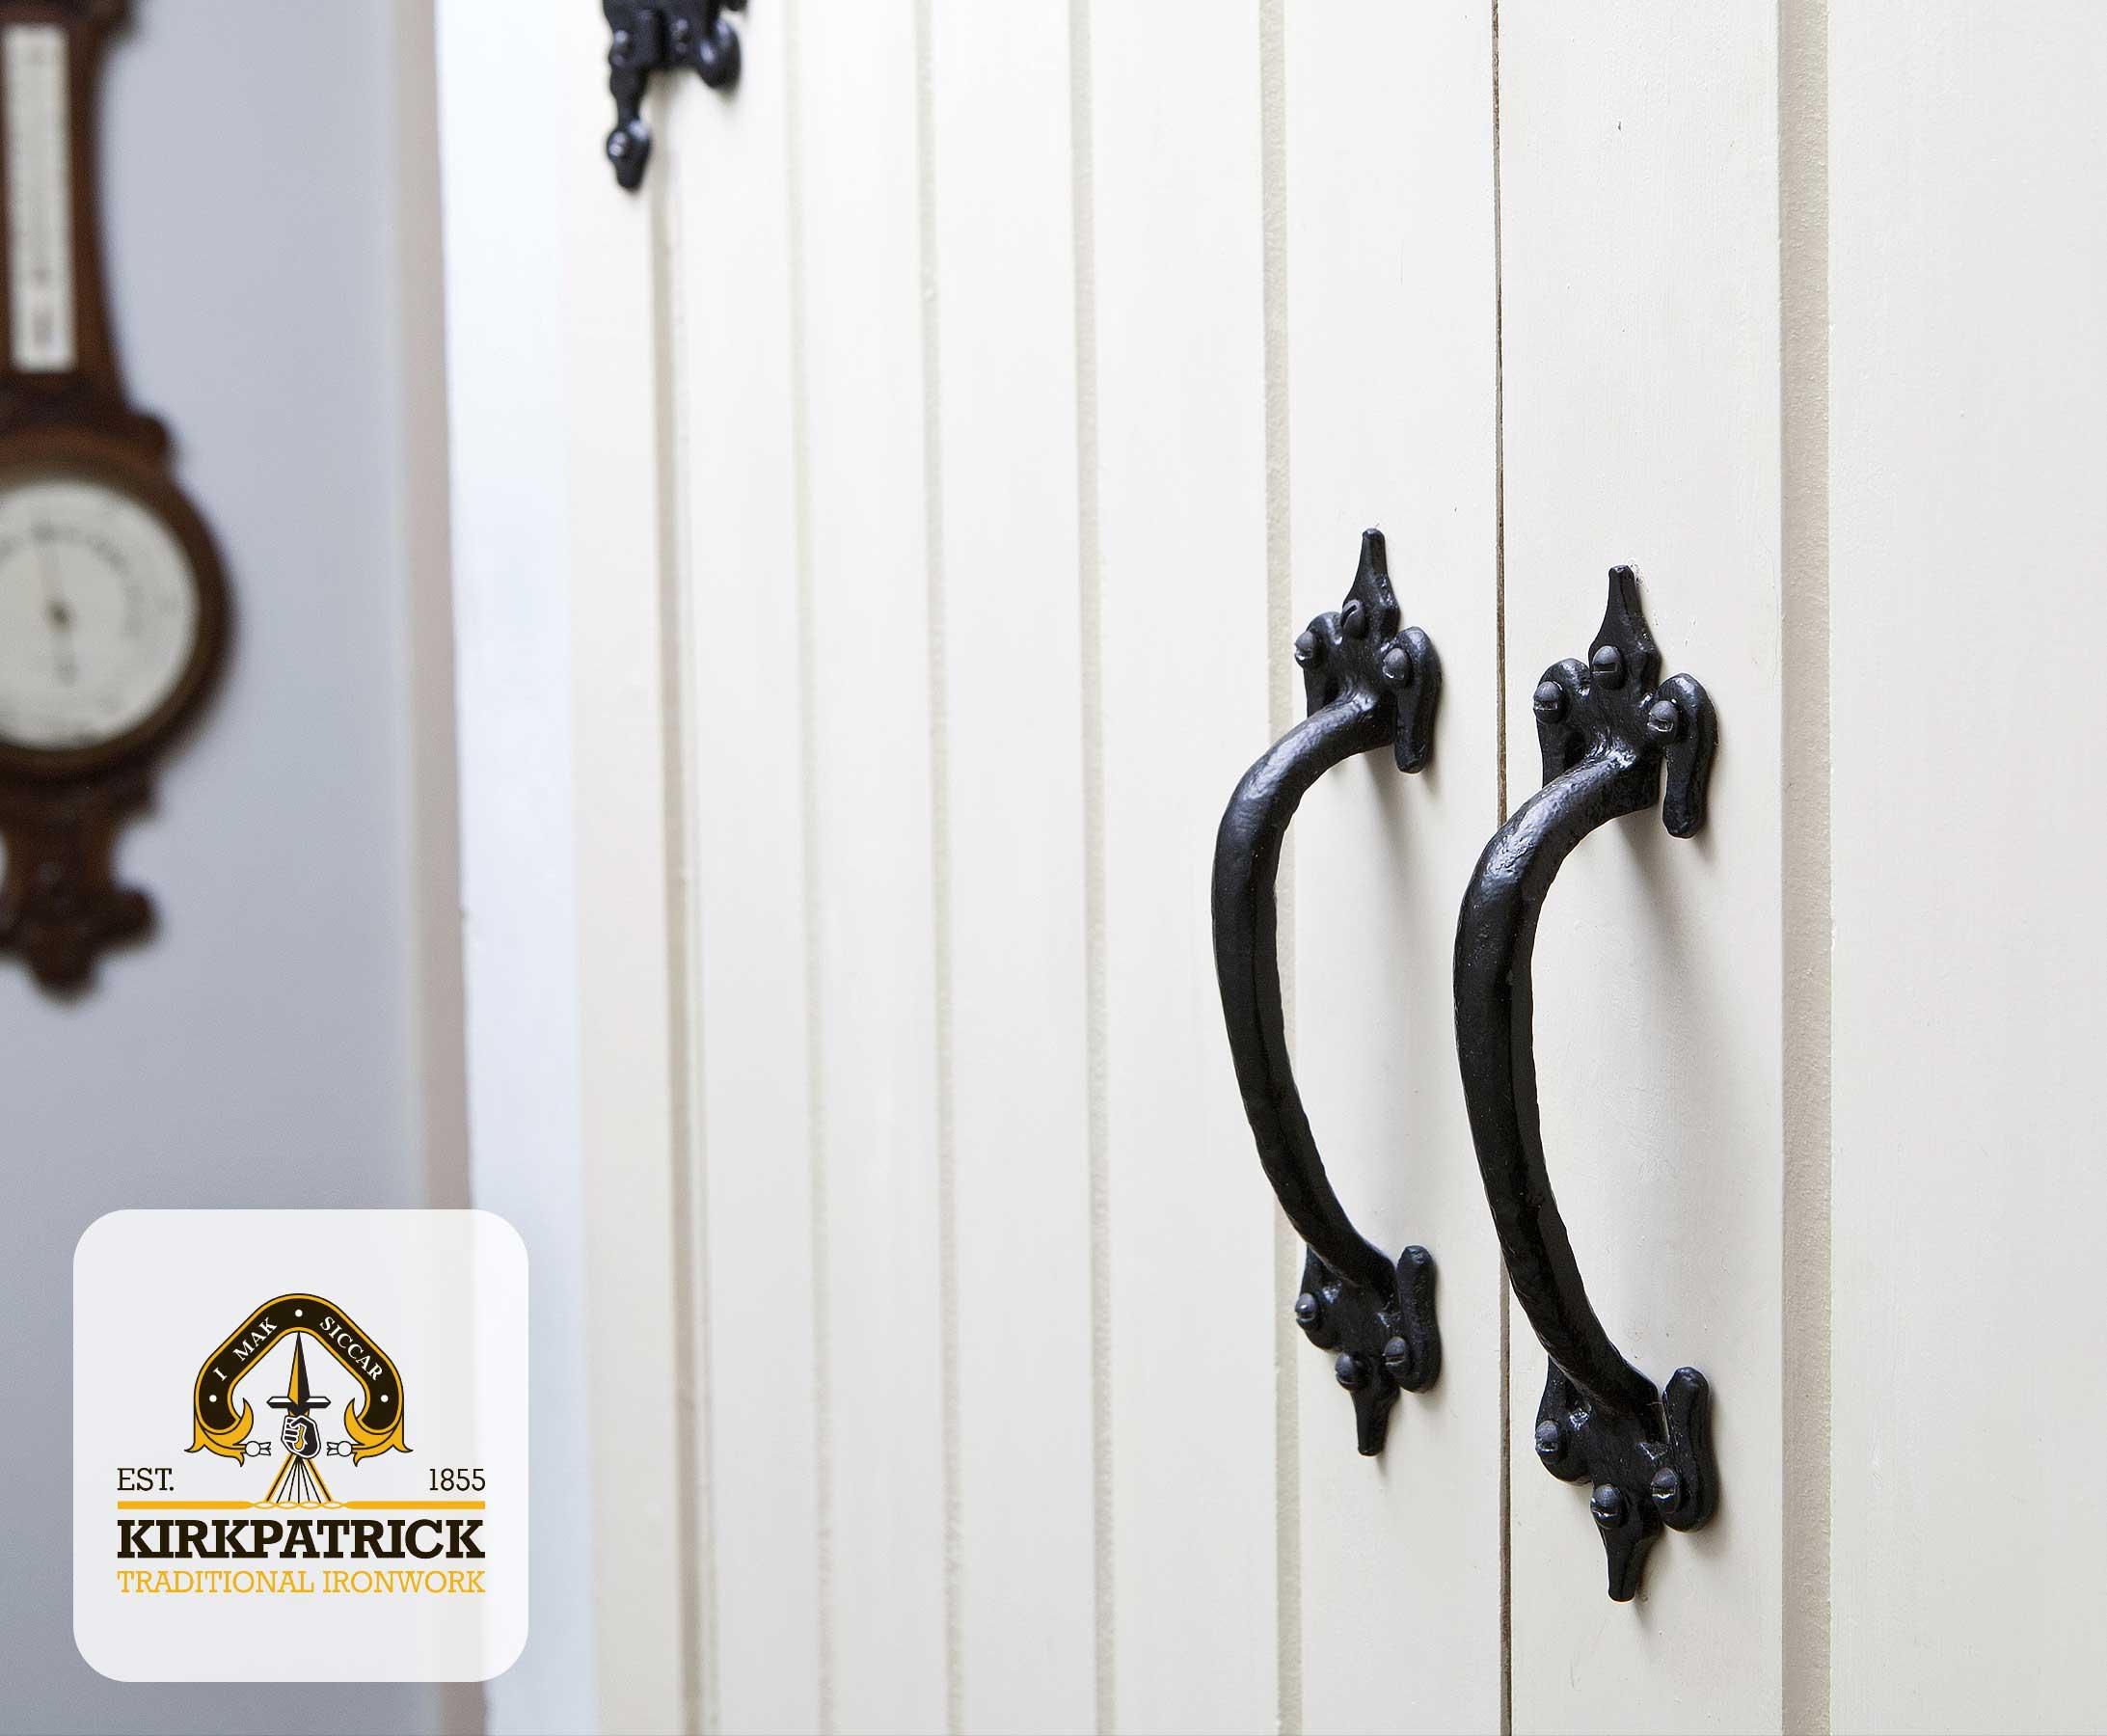 Kirkpatrick deurgrepen in zwart smeedijzer